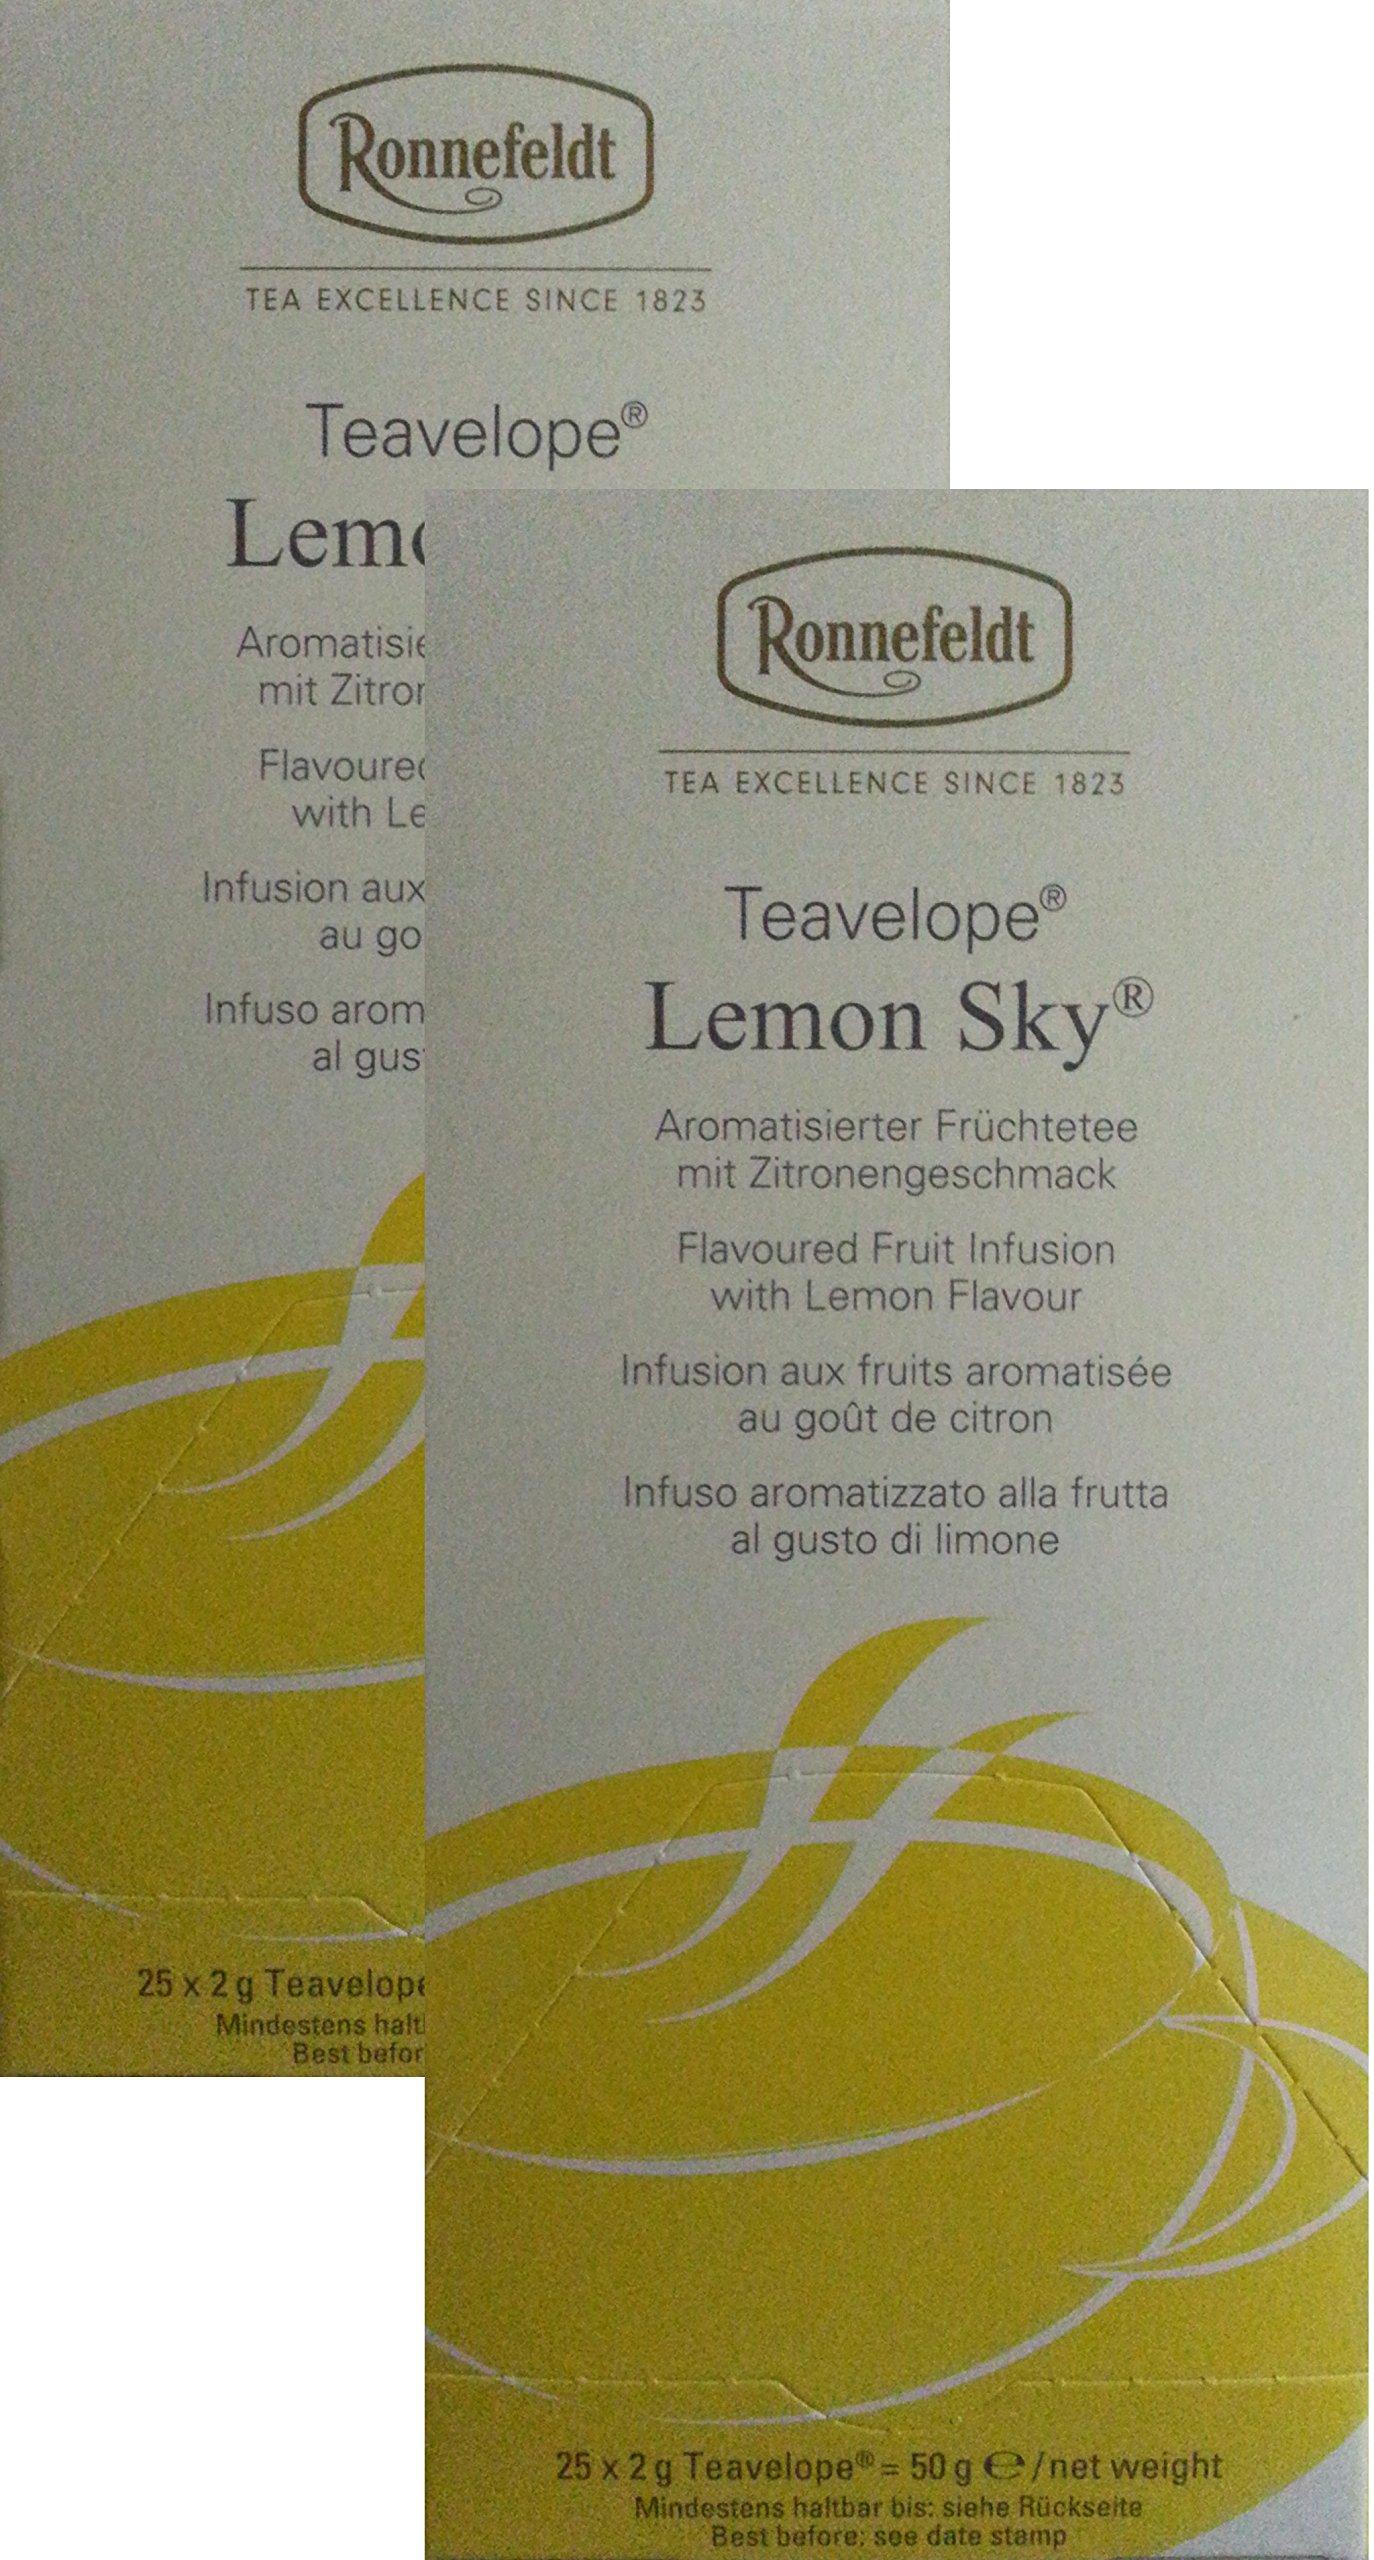 Ronnefeldt-Teavelope-2er-Pack-Lemon-Sky-Aromatisierter-Fchtetee-2x25x2g-Teebtl